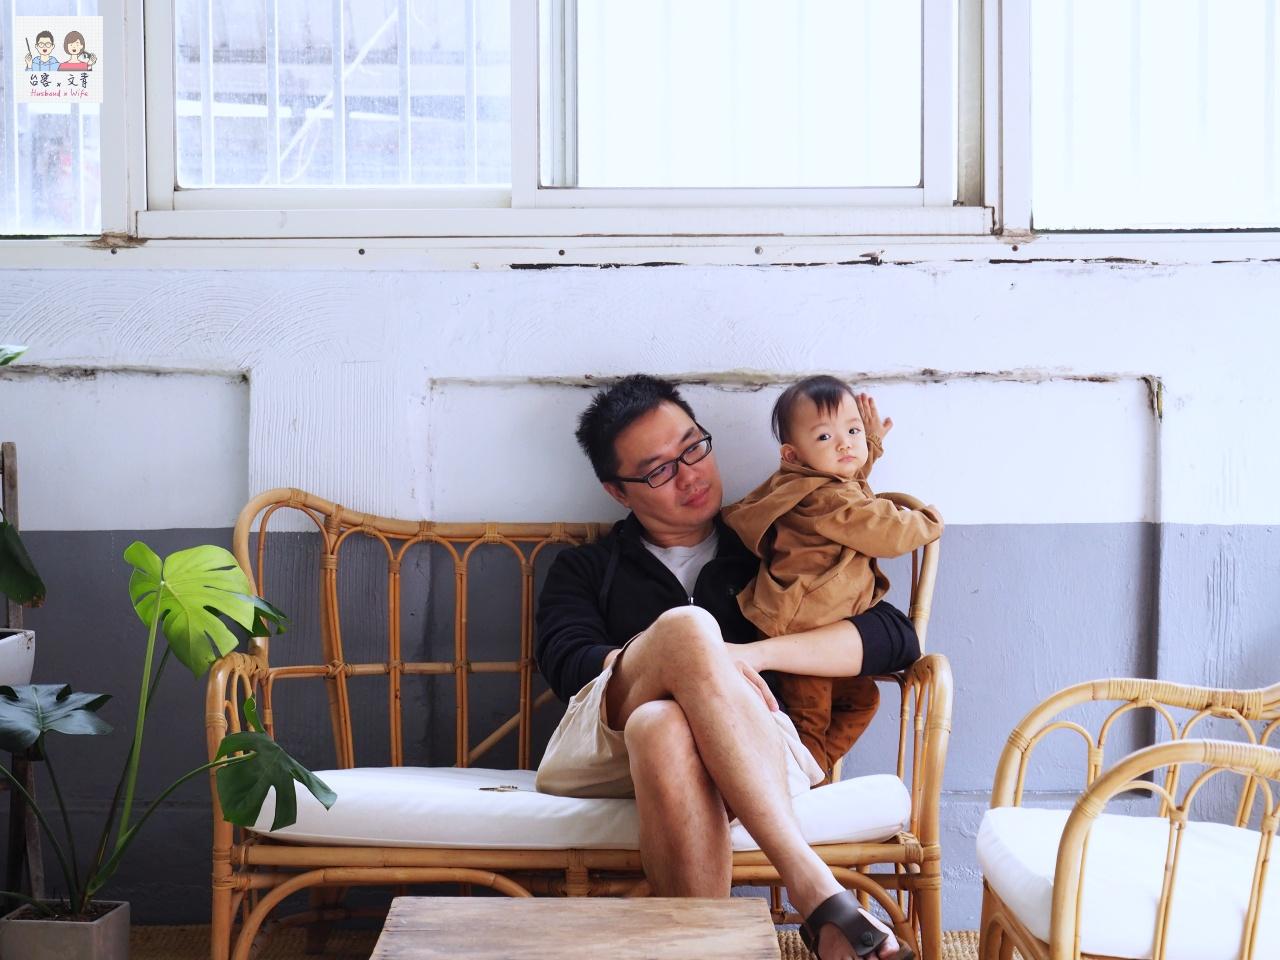 【屏東⋈咖啡】烘出美味的溫度「覓Man_made」手工甜點和麵包為恆春注入一方可口 @台客X文青的夫婦日常